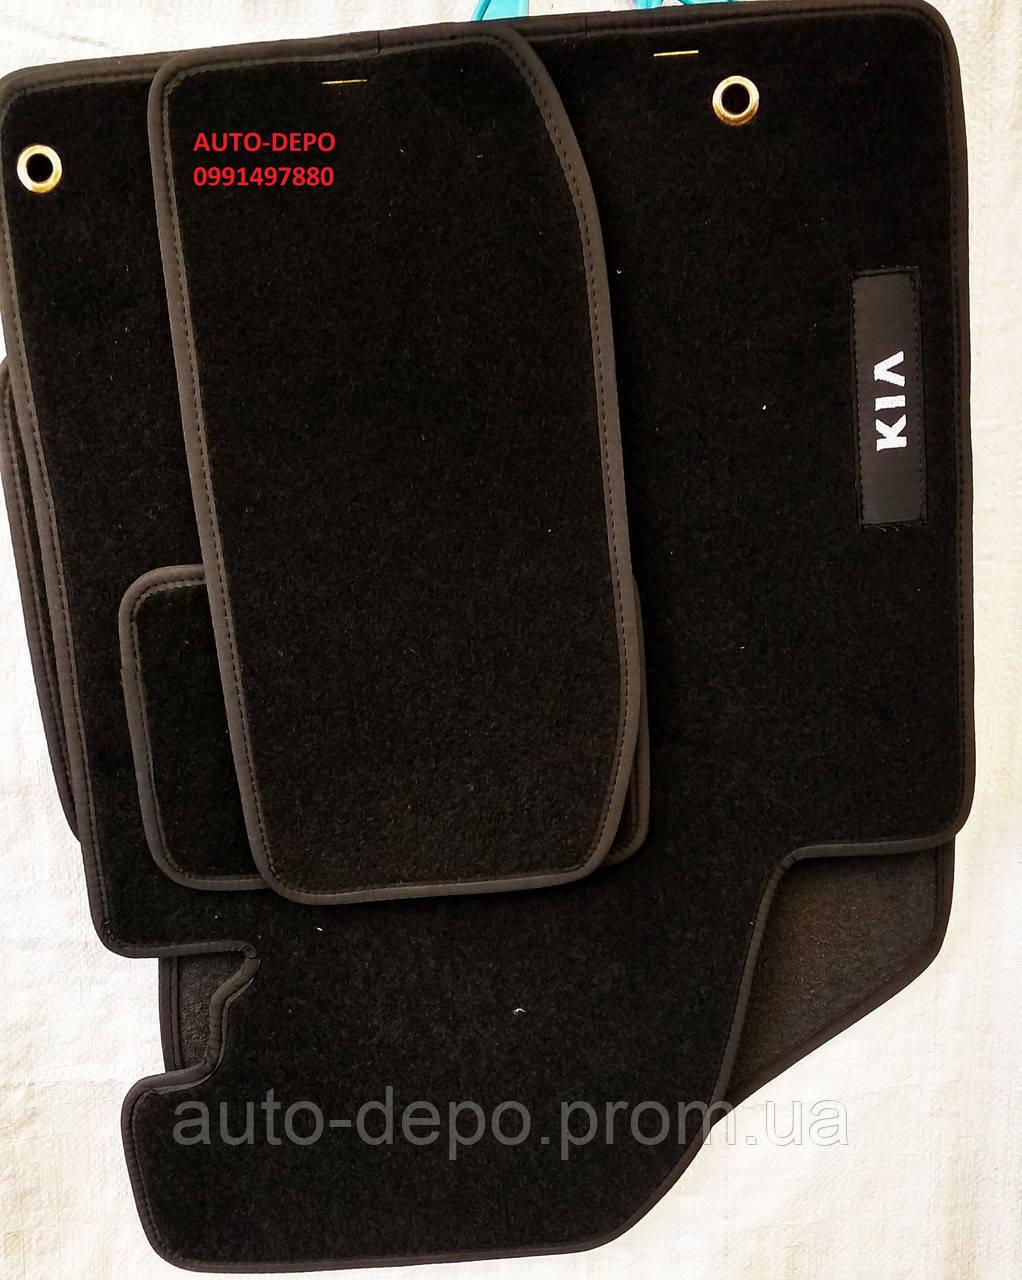 Ворсовые автомобильные коврики Kia Sportage 2010- CIAC GRAN